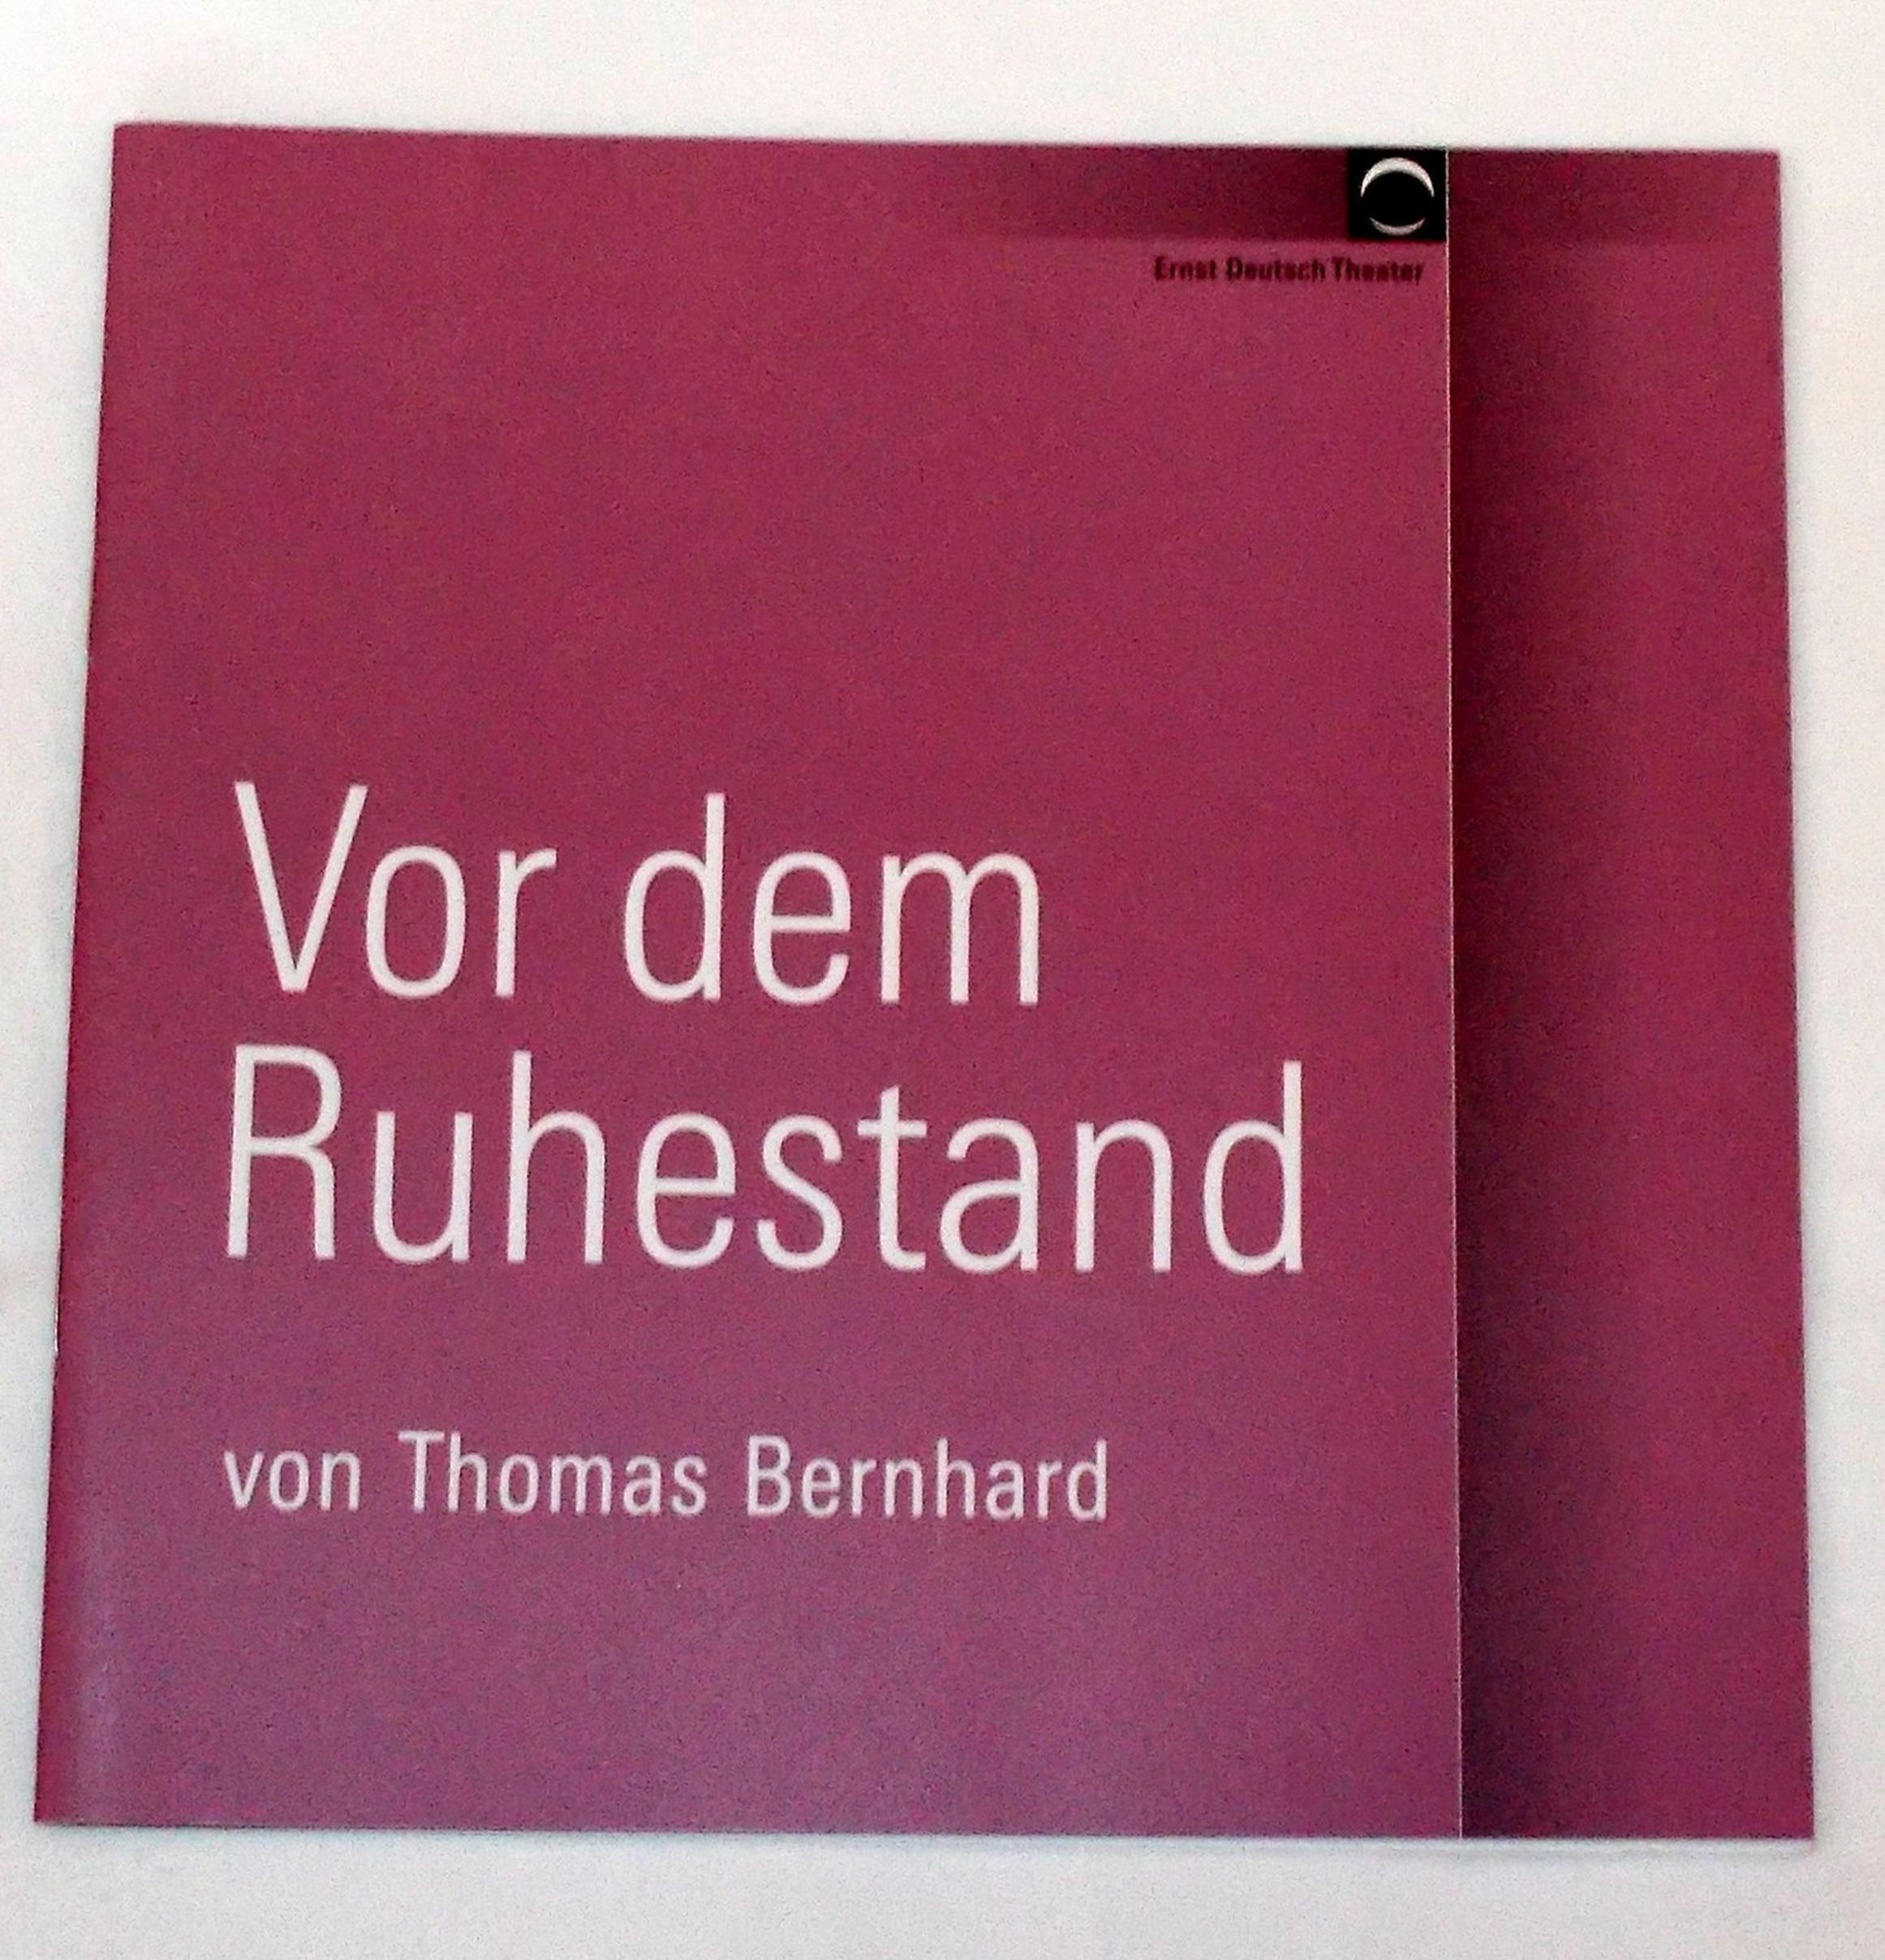 Programmheft Vor dem Ruhestand von Thomas Bernhard. Ernst Deutsch Theater 2006